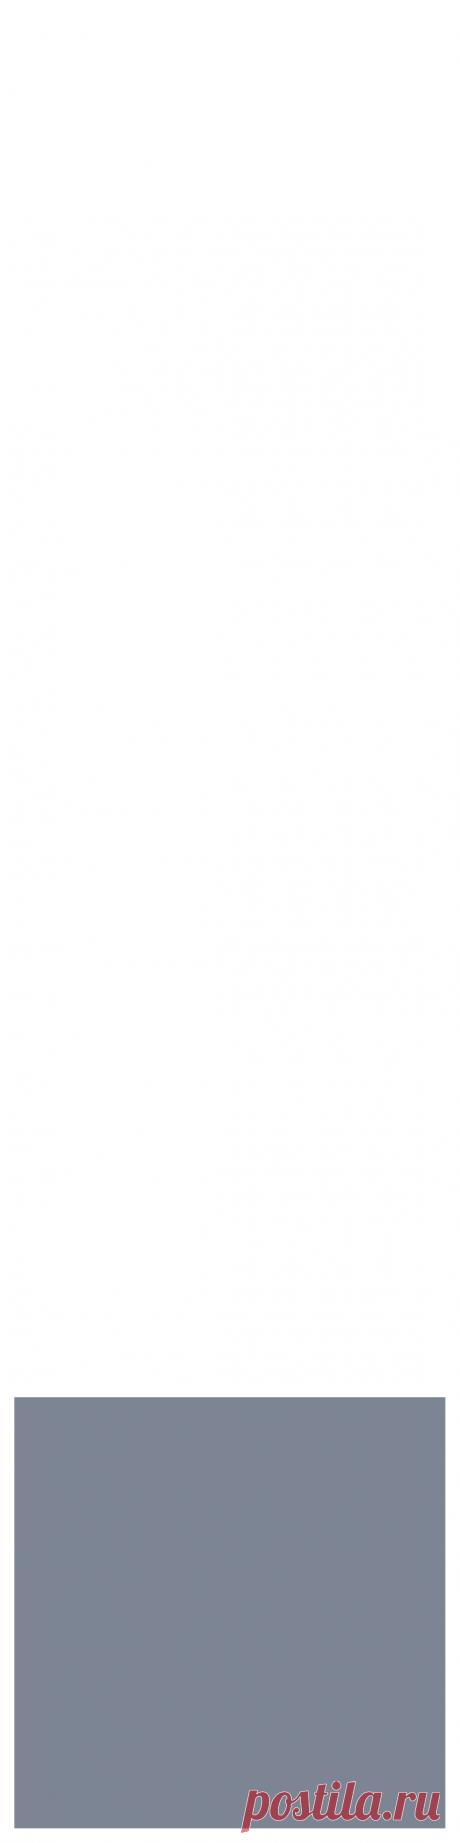 800× 600пкс — Фея на метле